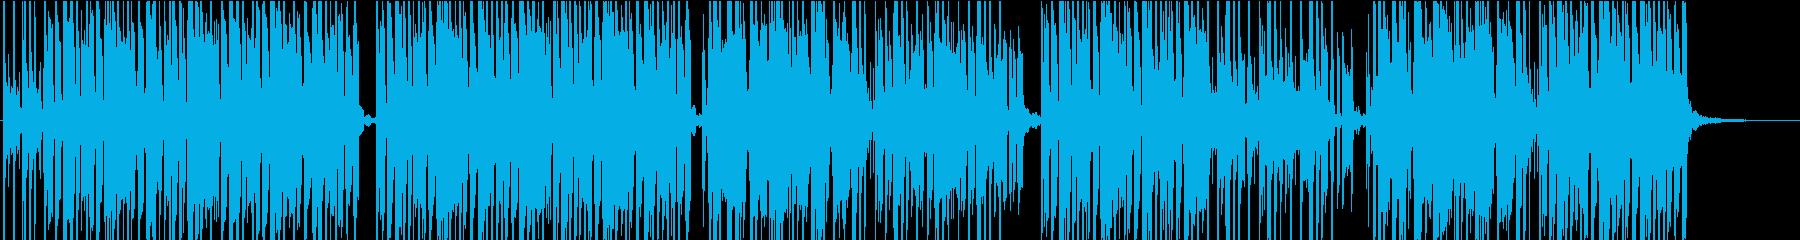 ブルース ファンク ゆっくり 魅惑...の再生済みの波形